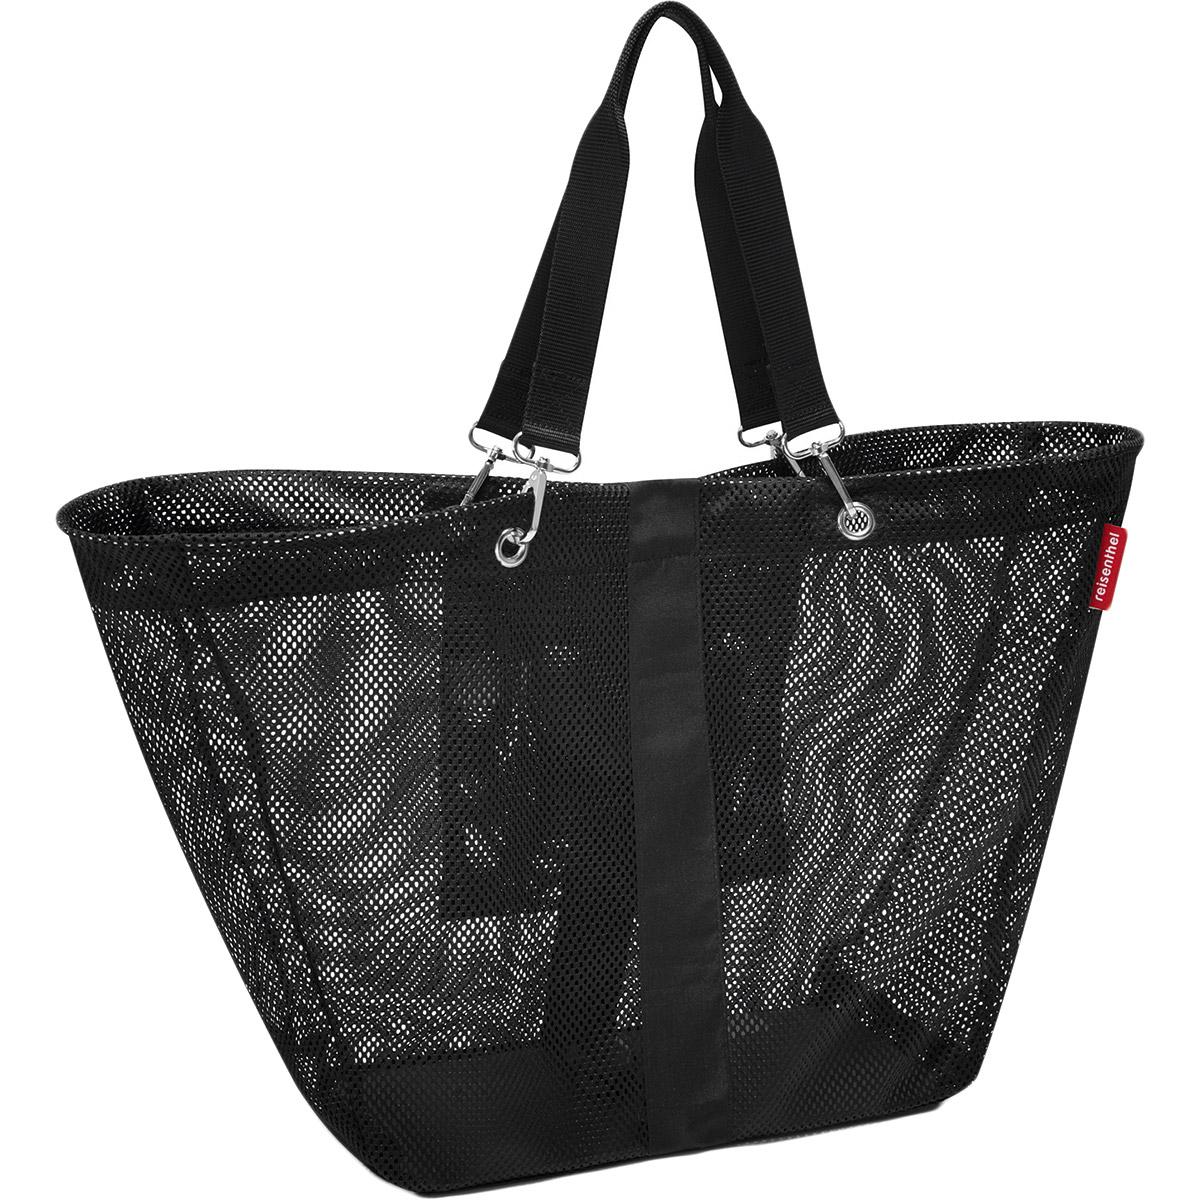 eaffe16e2a856 Duża torba na zakupy Reisenthel Meshbag czarna -